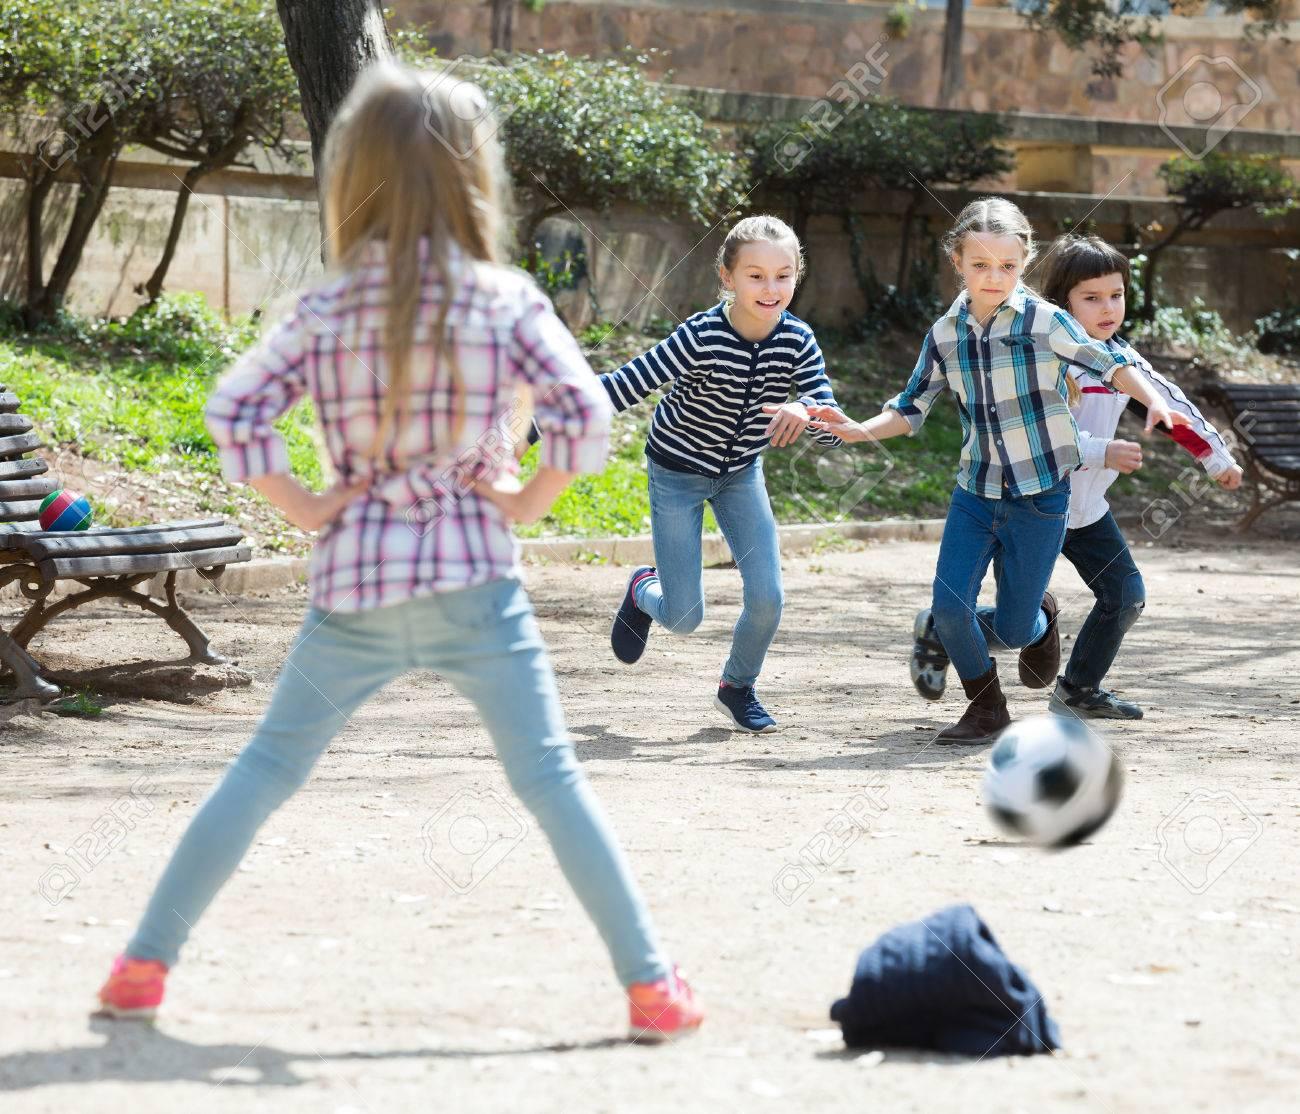 Ninos Jovenes Jugando Al Futbol Al Aire Libre En La Calle Dia De